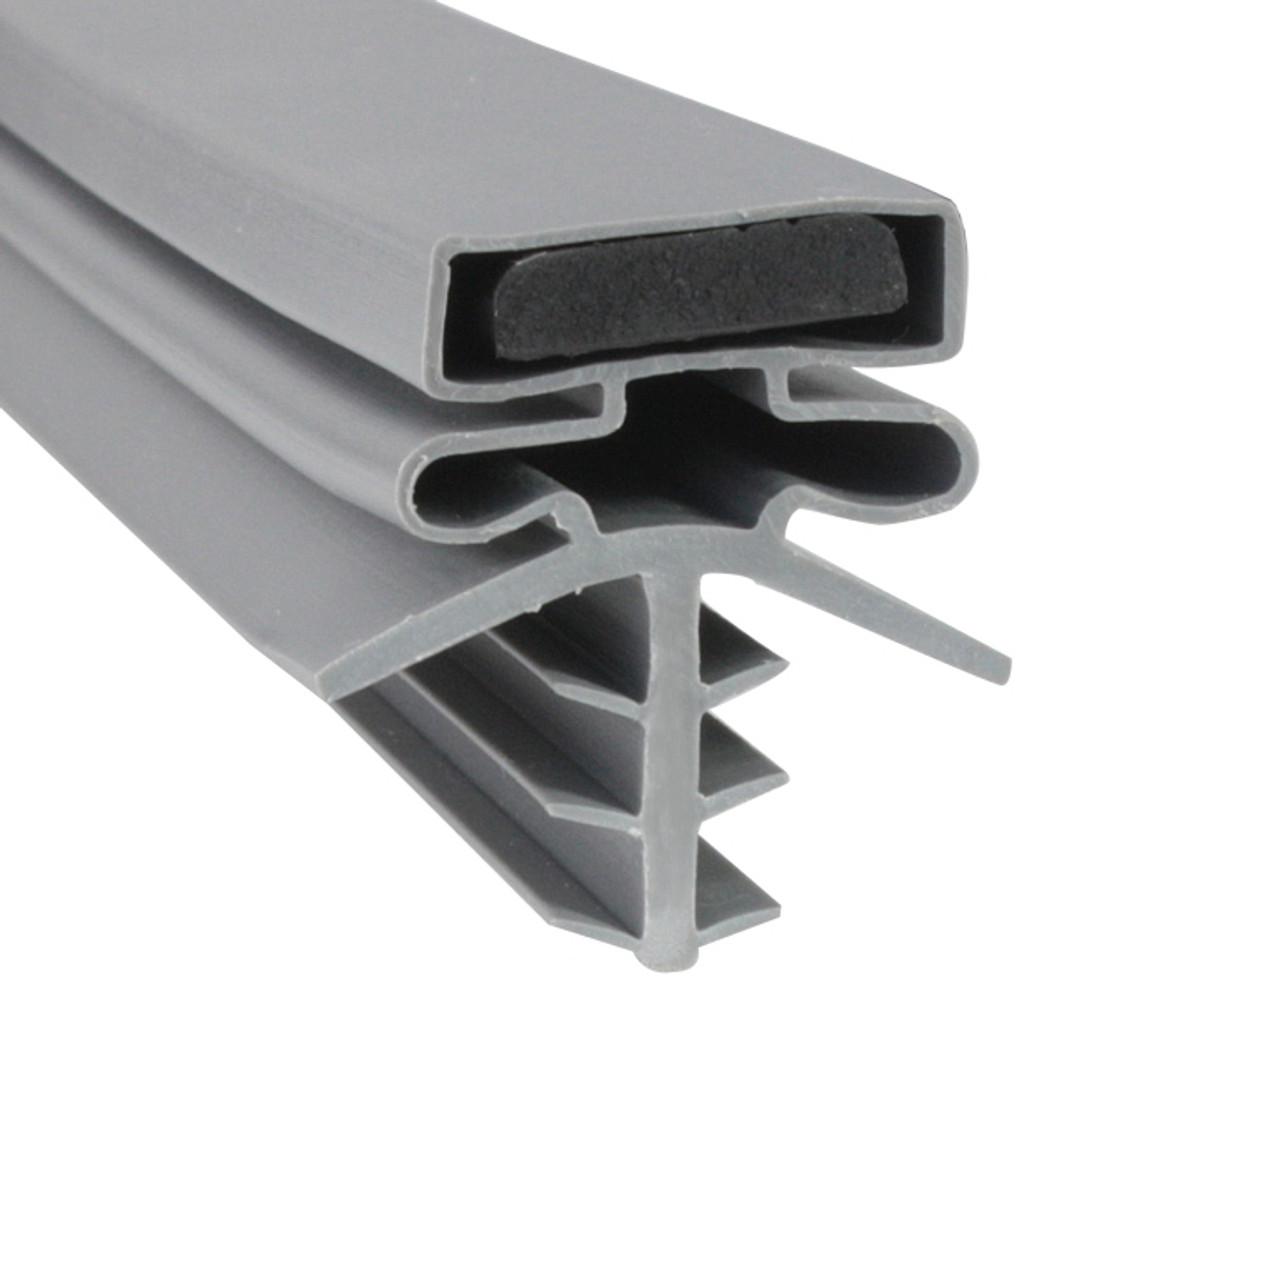 Brown Door Gasket Profile 301 35 1/4 x 78 3/8 -A2.0429